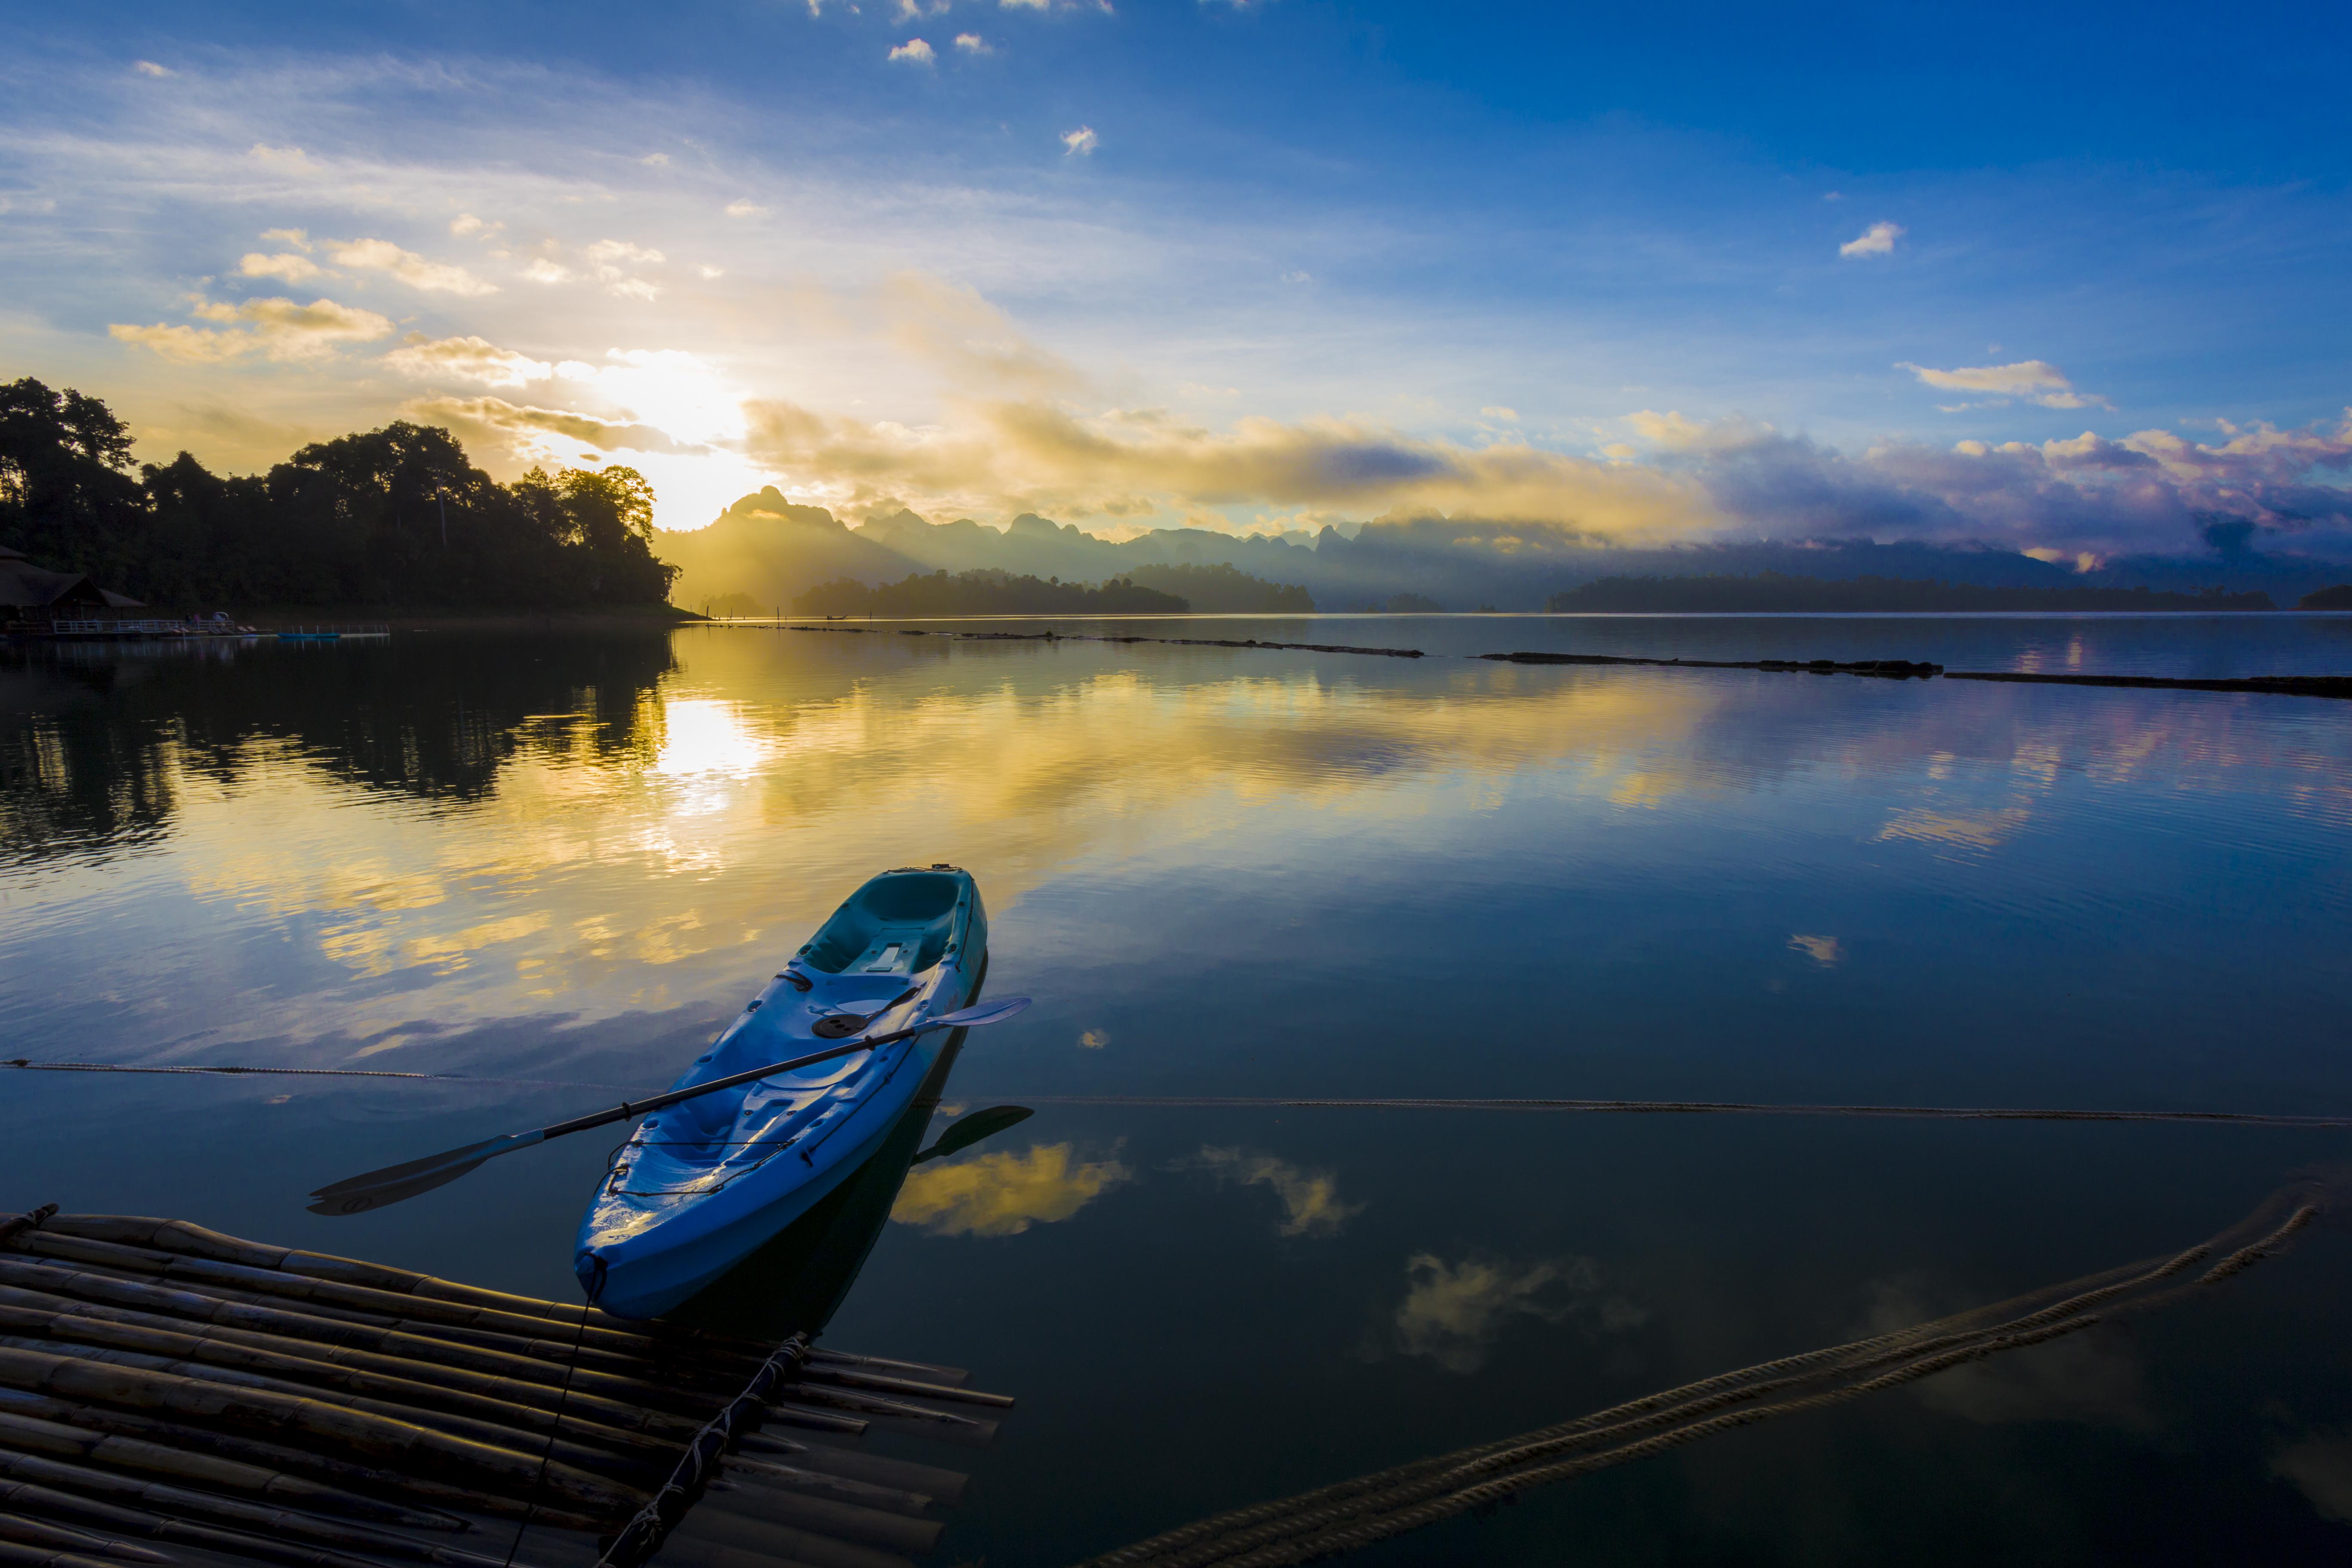 Sunrise at Ratchaprapha Dam or Chieo Lan Dam, Khao Sok National Park, Surat Thani